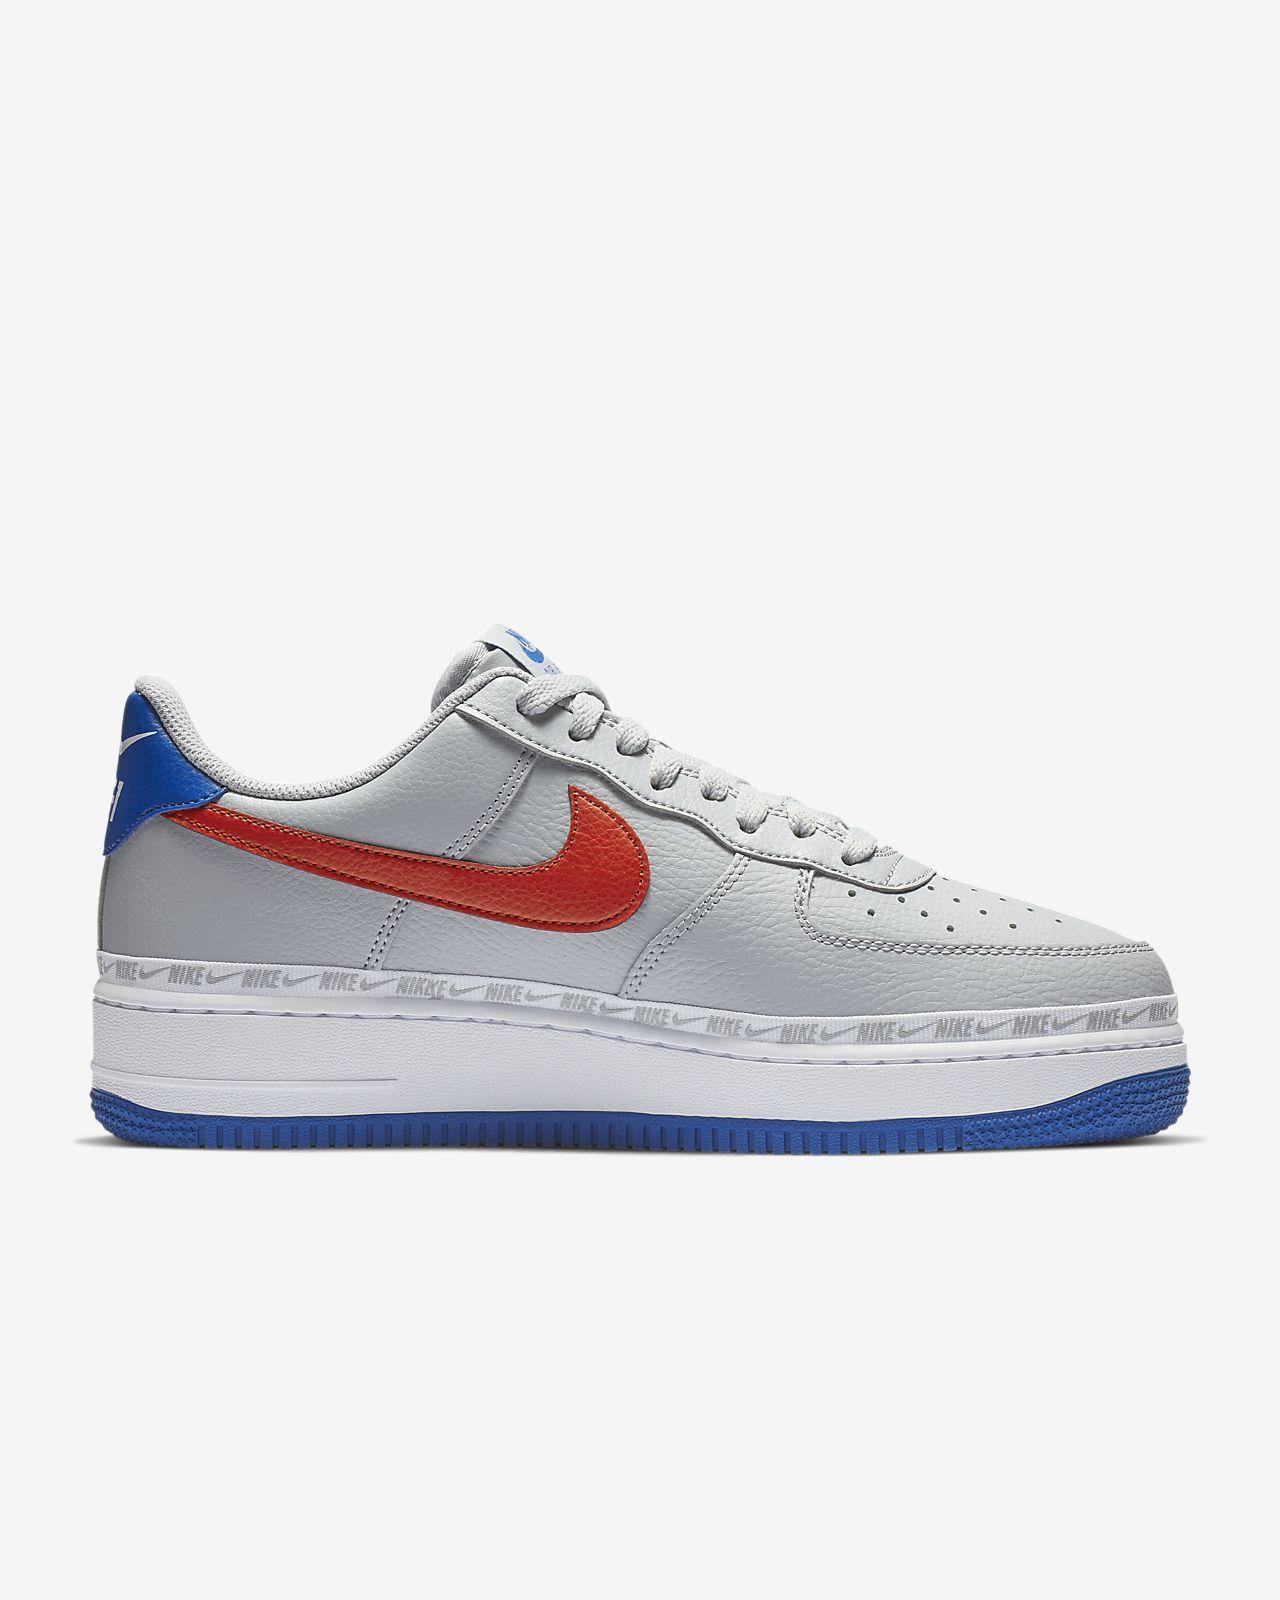 factory authentic d5729 038ed ... Nike Air Force 1  07 LV8 Men s Shoe